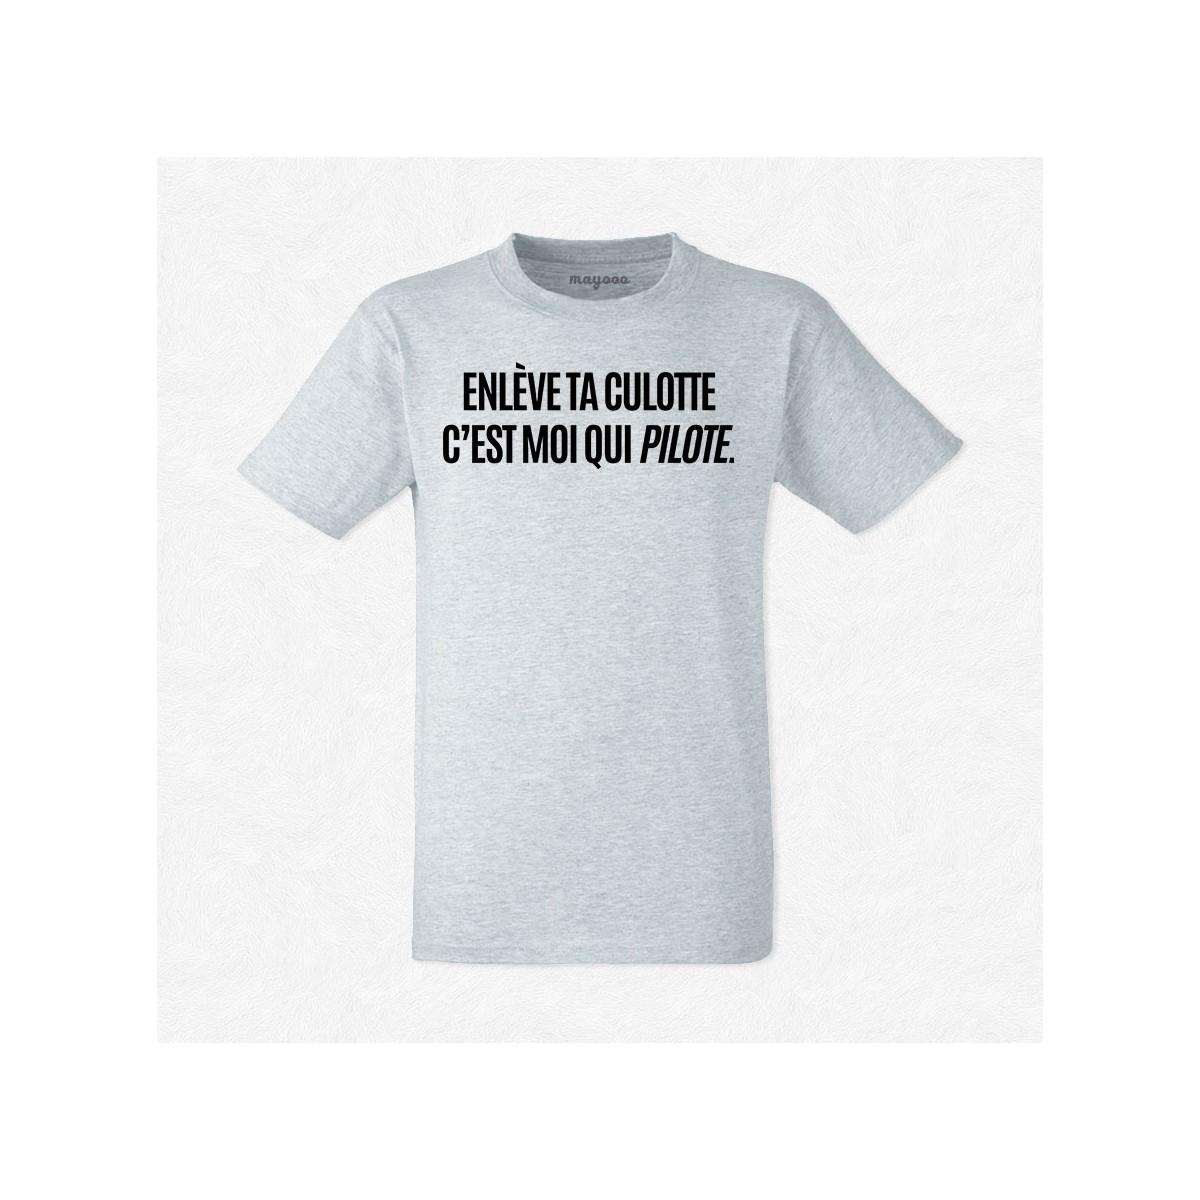 T-shirt Enlève ta culotte c'est moi qui pilote